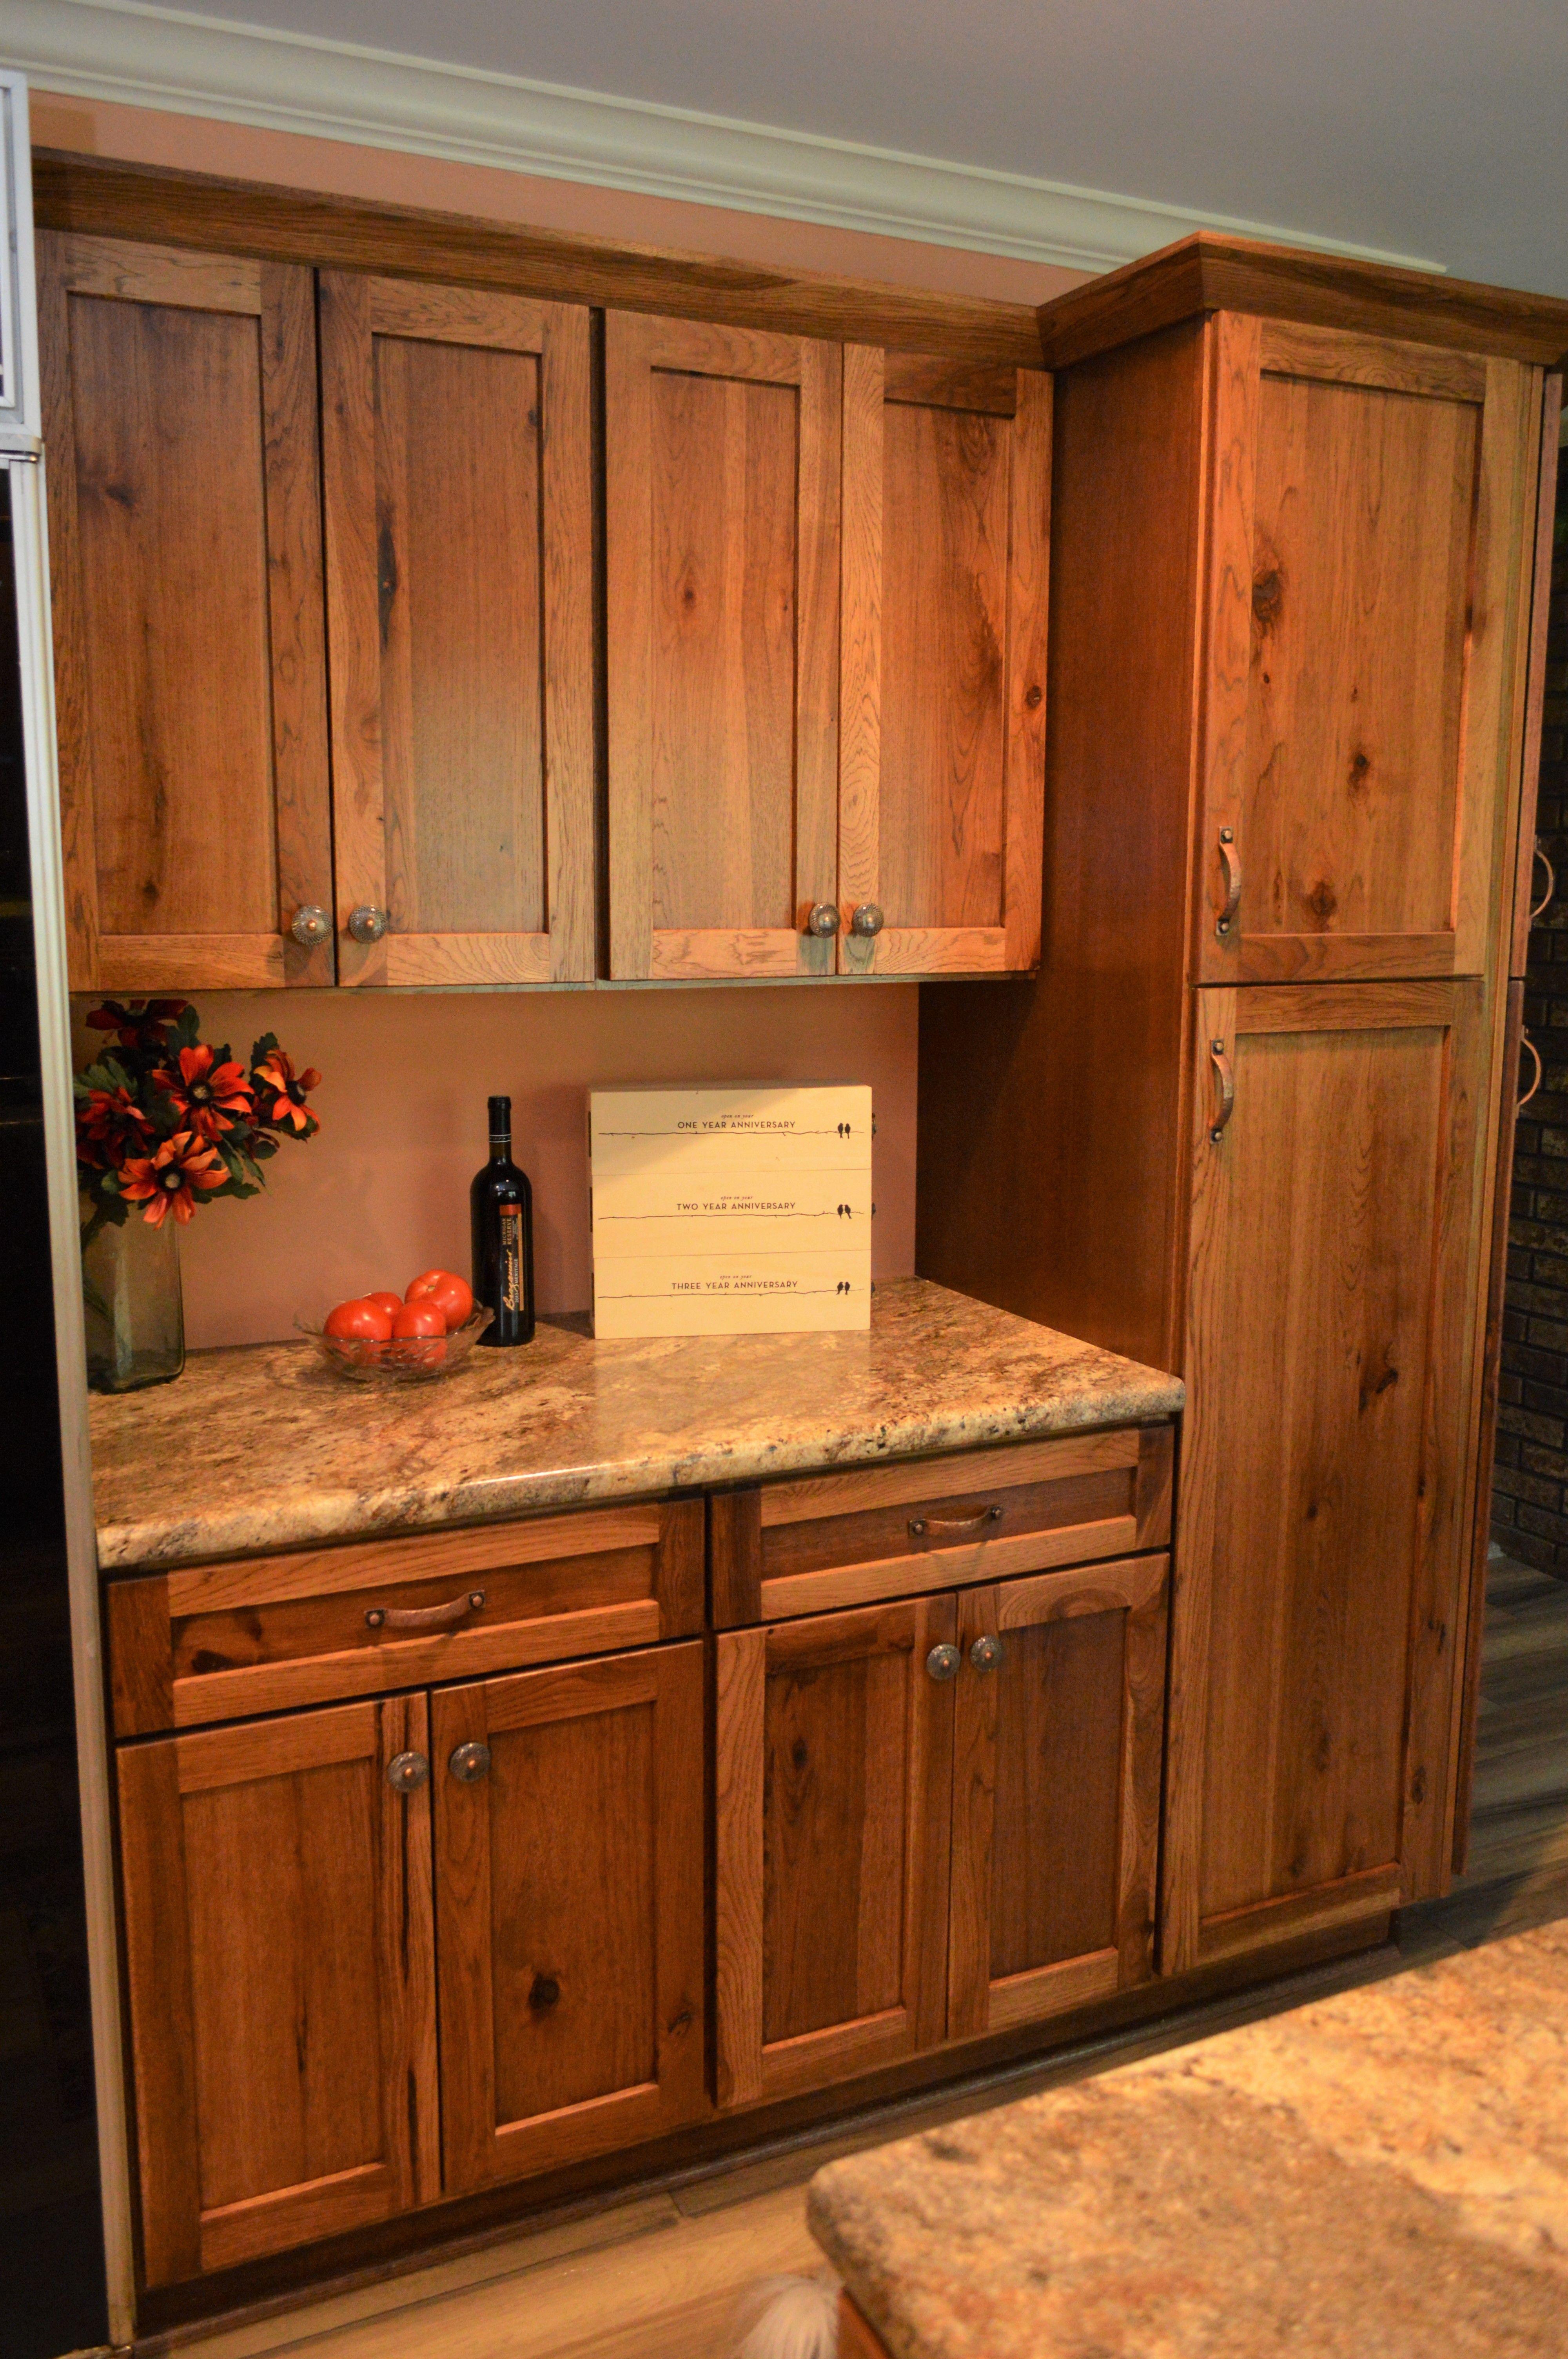 Golden Pecan Kitchen Cabinets Kitchen Cabinets Pictures Kitchen Cabinets Oak Kitchen Cabinets